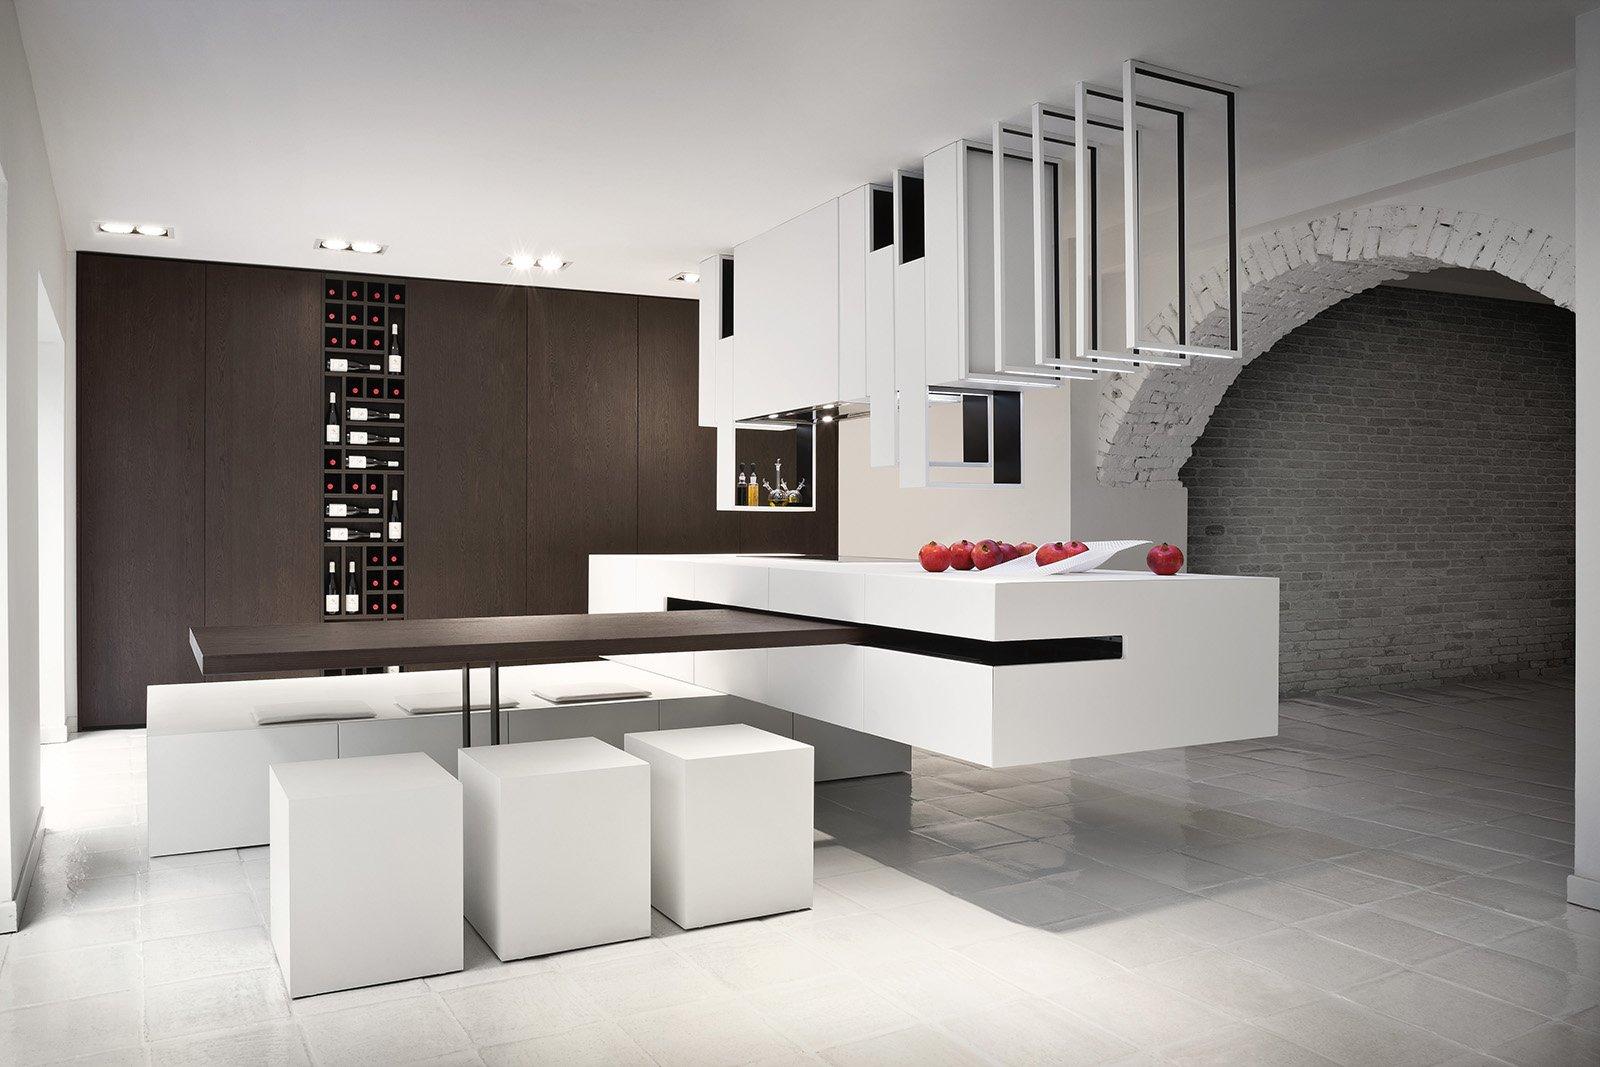 arredare la cucina. tavolo compreso - cose di casa - Cucina Ricci Casa